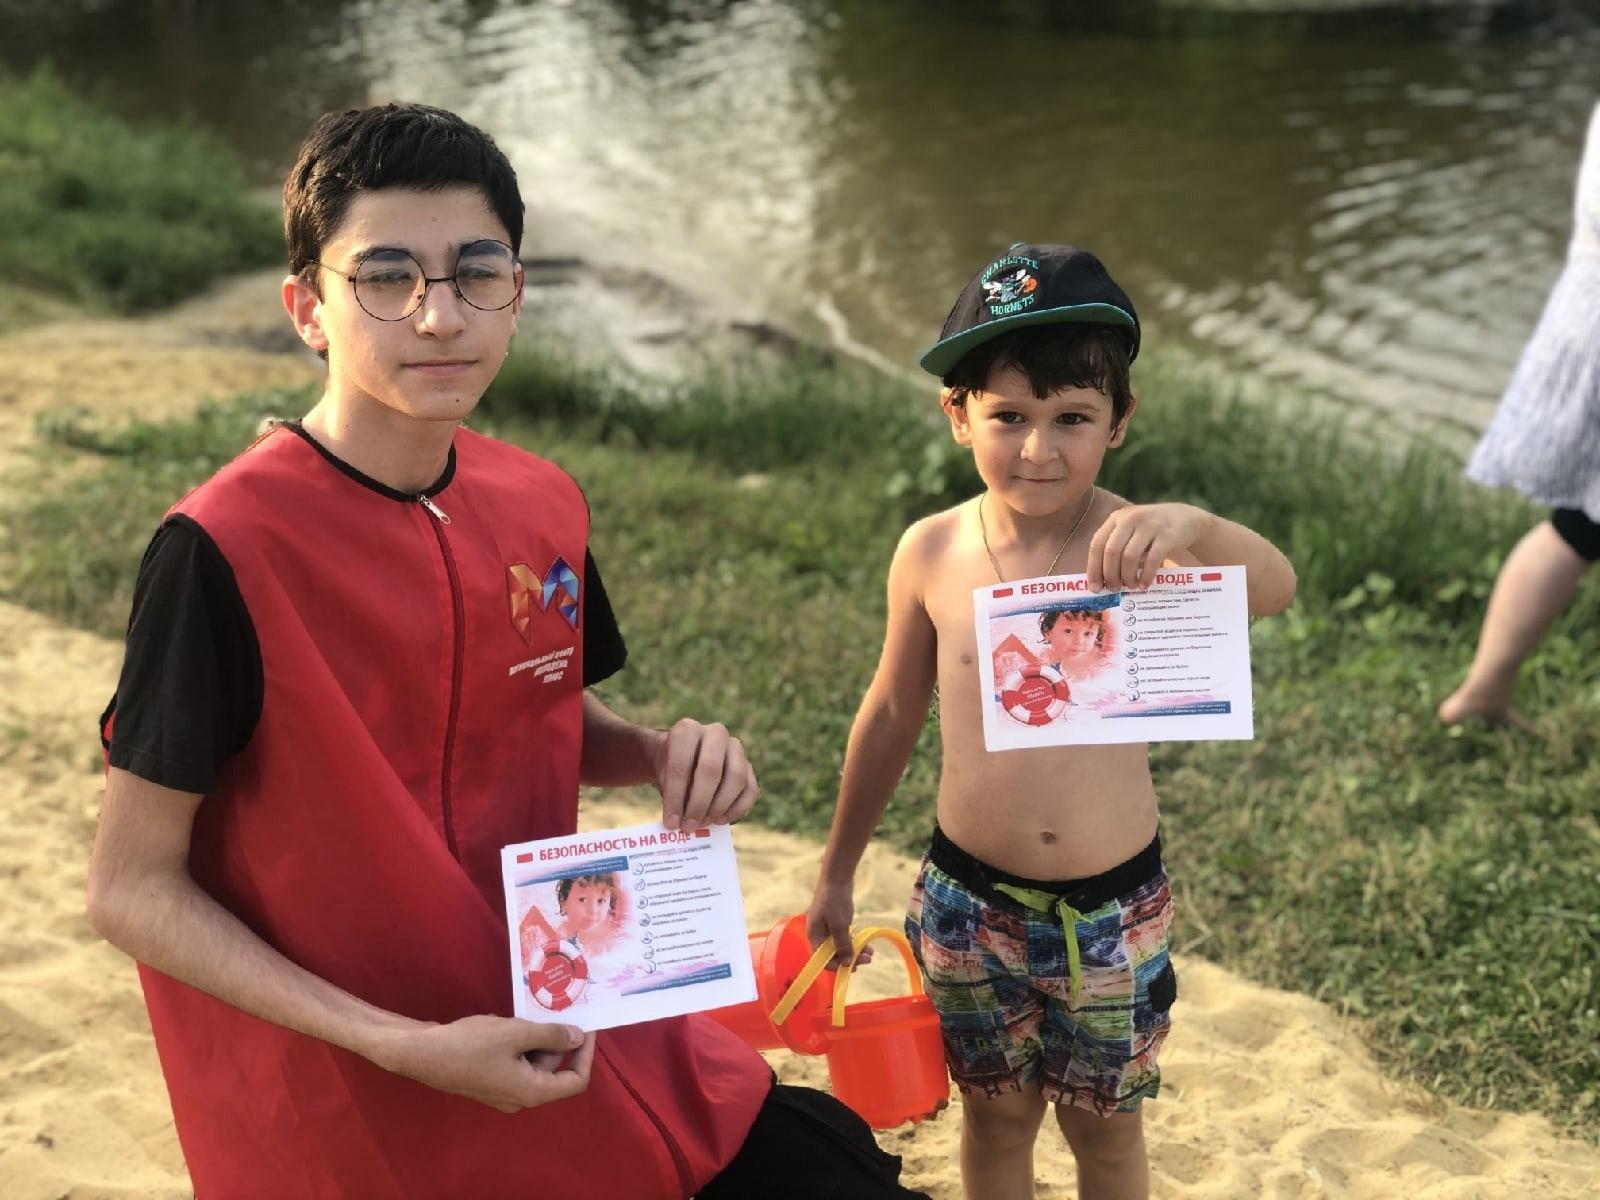 Волонтёры центра «Молодёжь плюс» напомнили жителям города правила безопасности на воде